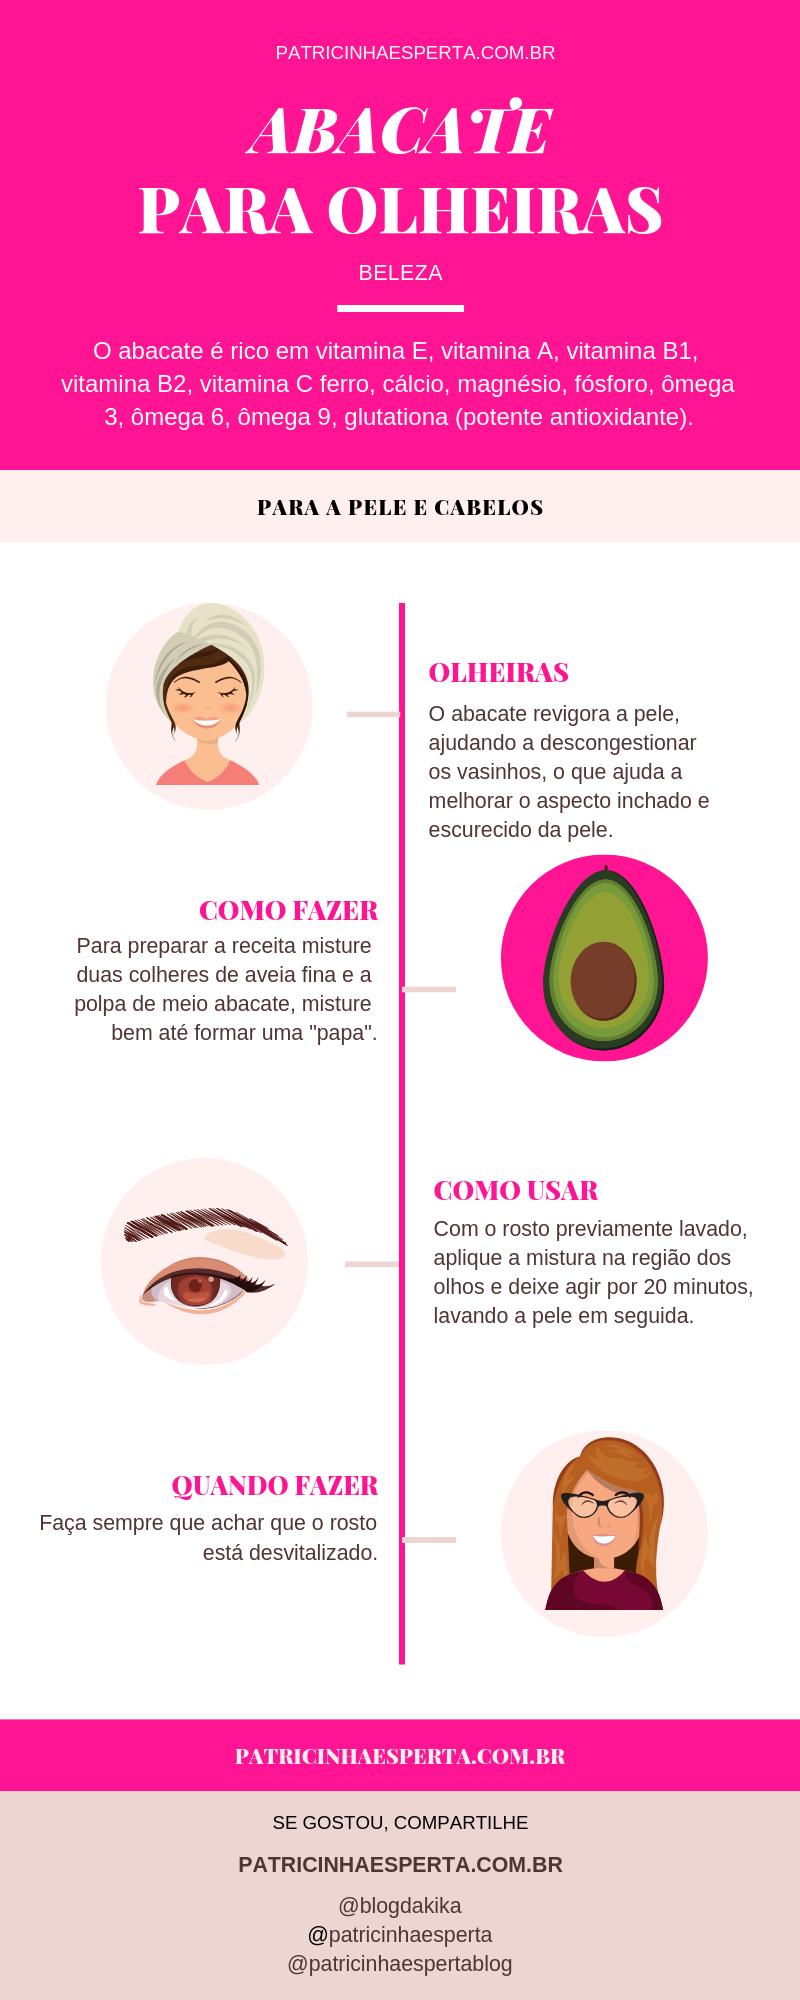 olheiras - Abacate no Cabelo e Pele ✅ As Melhores Receitas, Benefícios